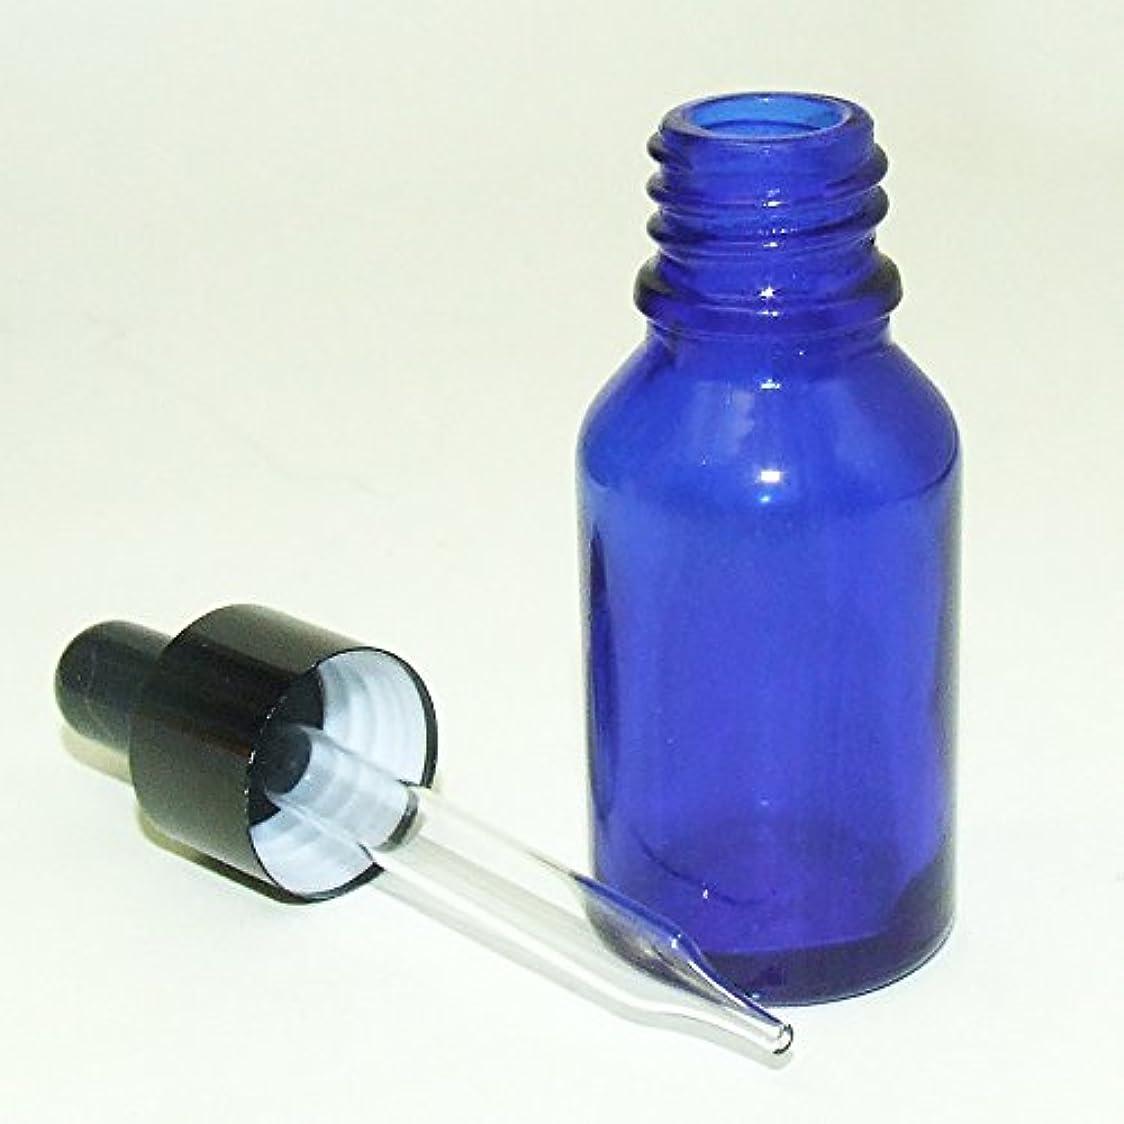 科学者馬鹿げたかなりガレージ?ゼロ 遮光ガラス スポイド瓶 先細タイプ 青 15ml(GZKP31)×10個 アロマ保存 GSE677